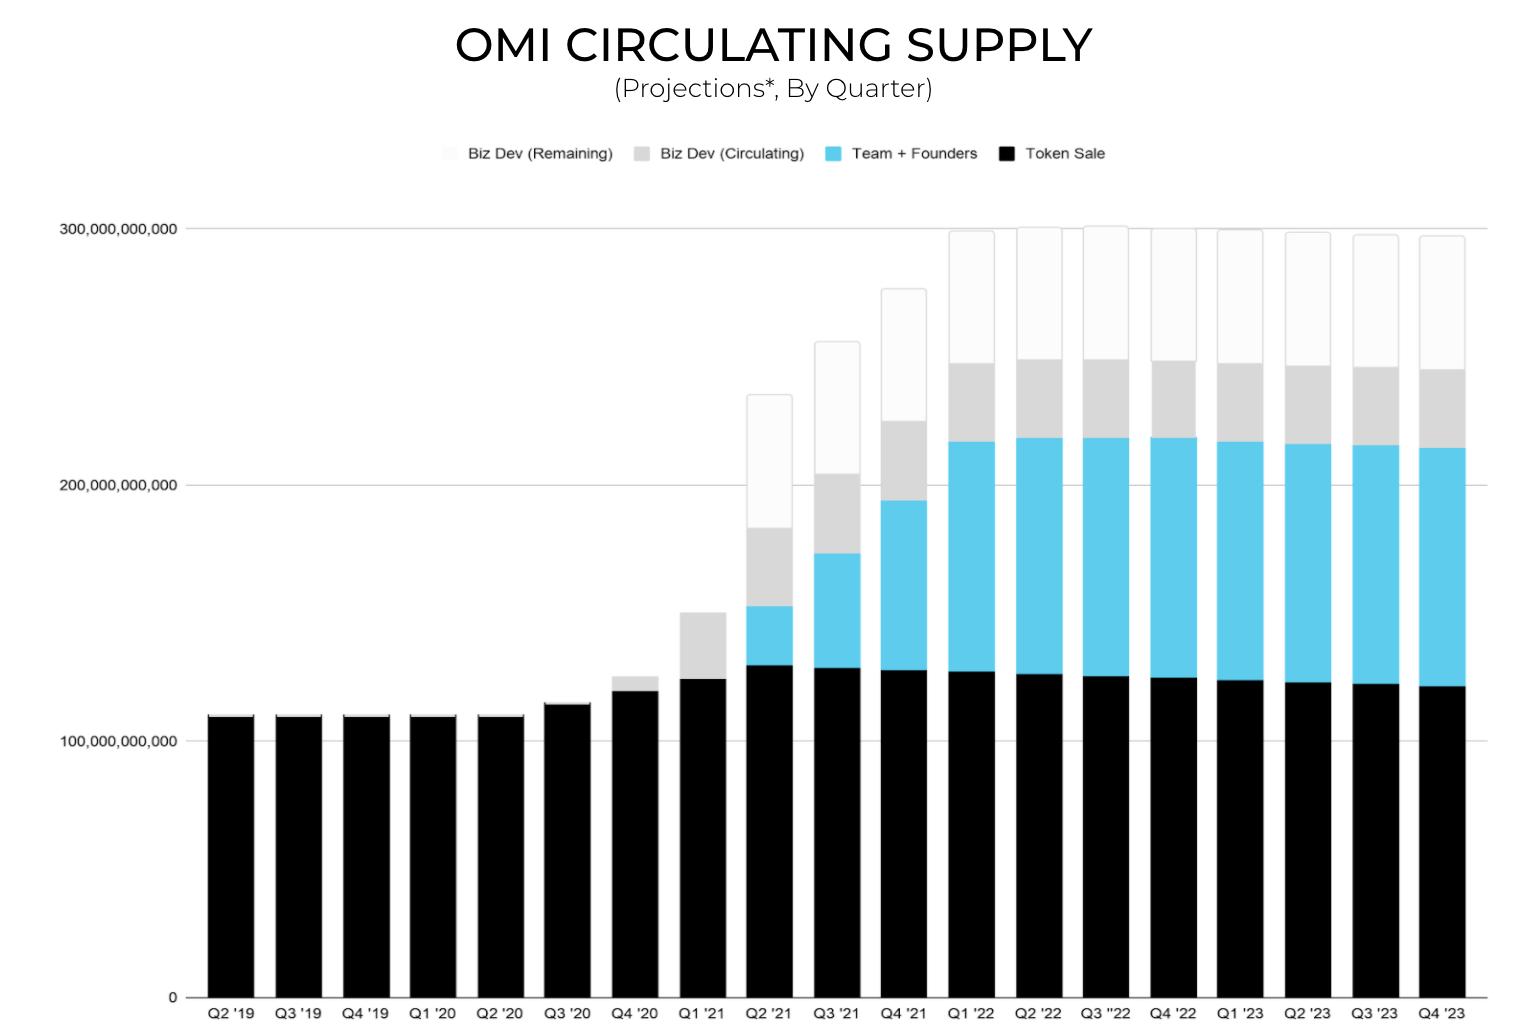 OMI coin circulating supply